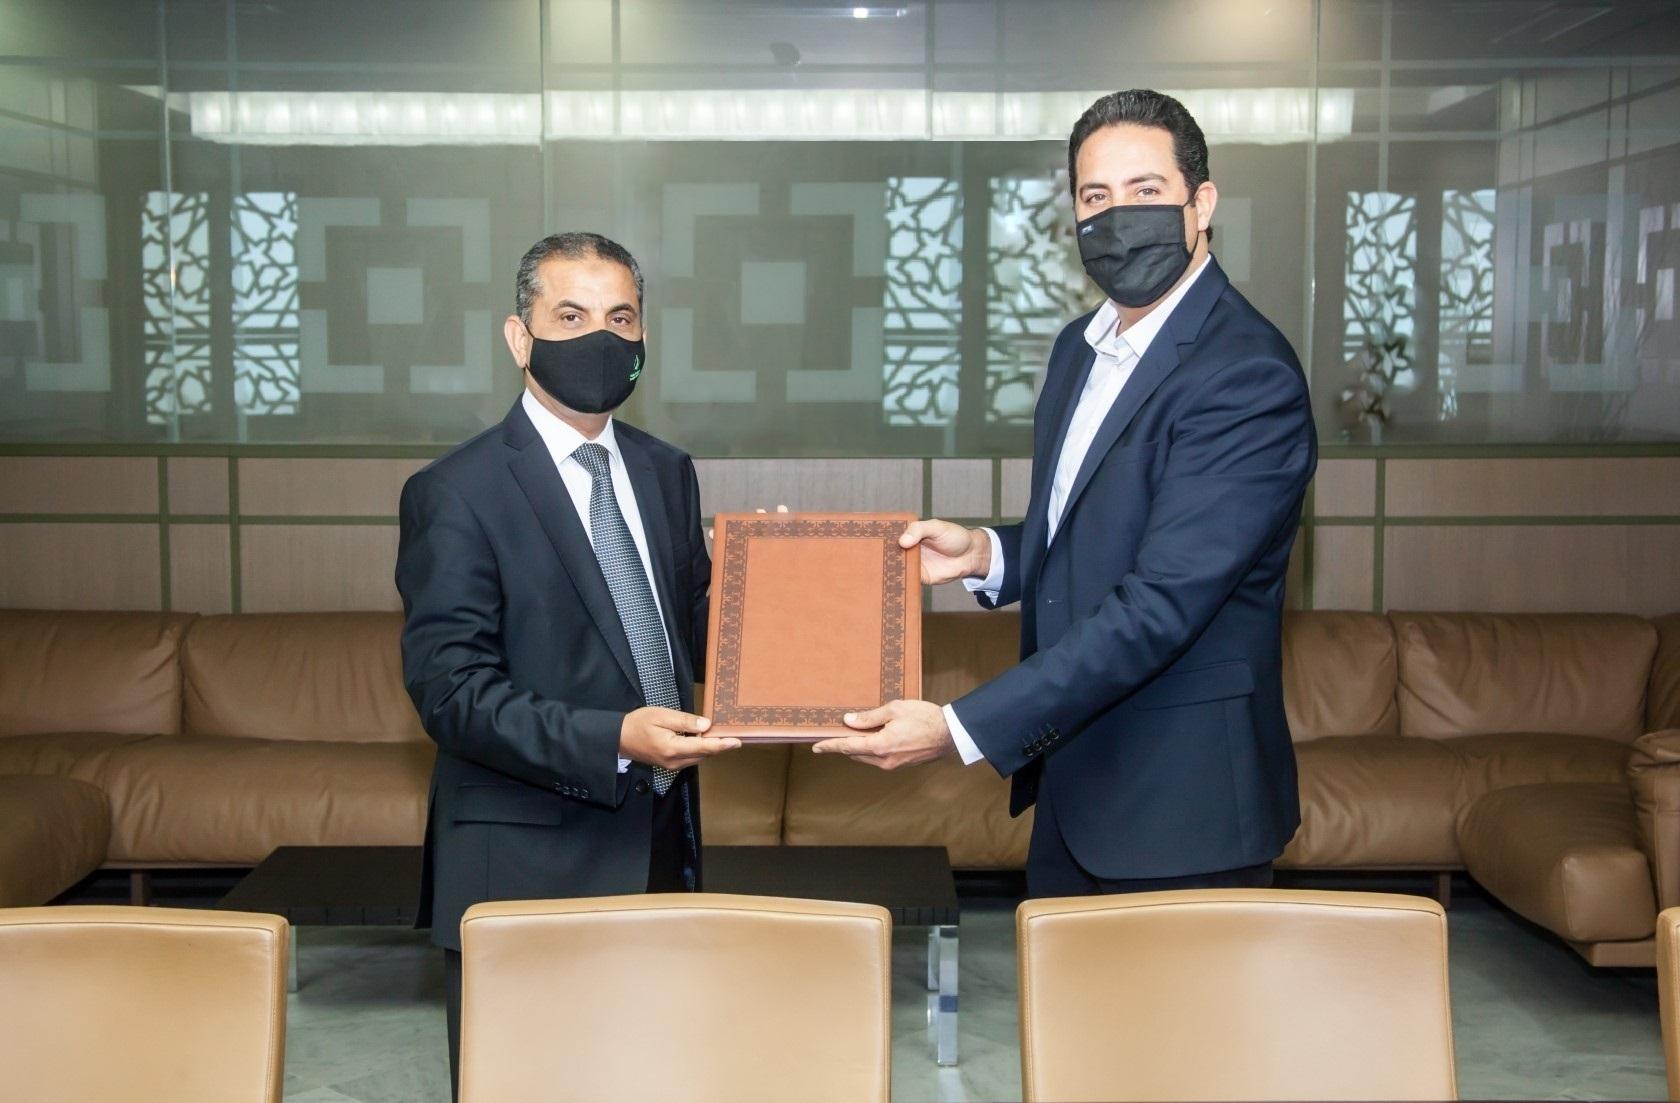 Signature d'un partenariat entre Banque Zitouna et Automobile.tn